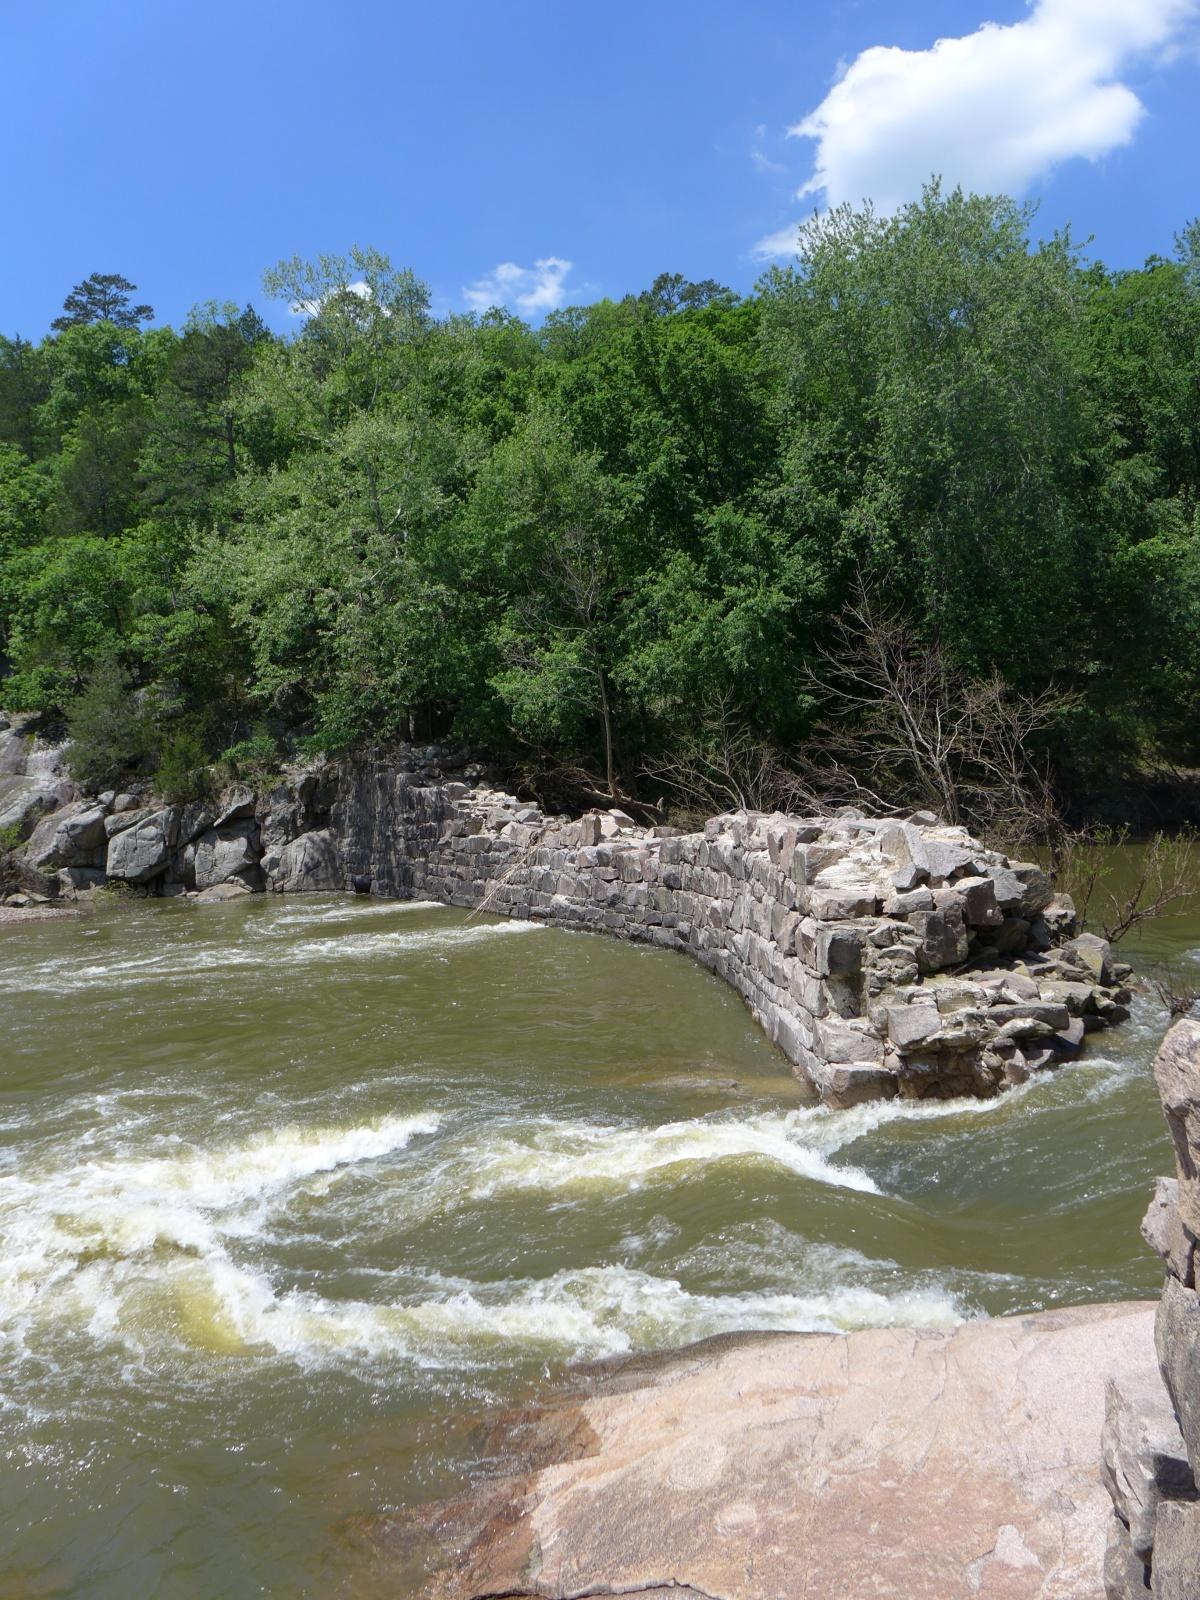 Hiking in missouri - Millstream gardens conservation area ...